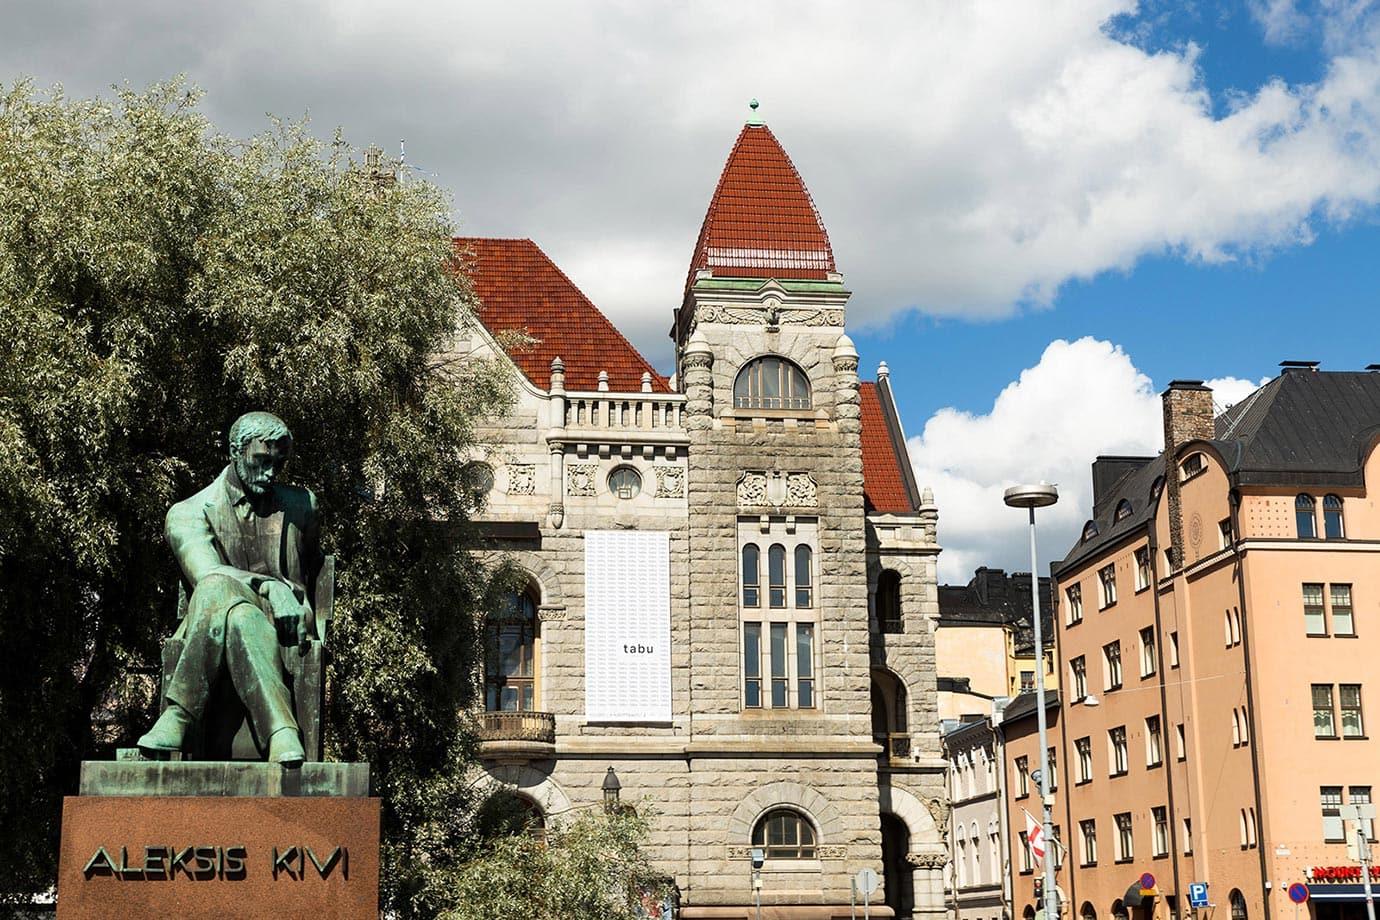 Statues in Helsinki